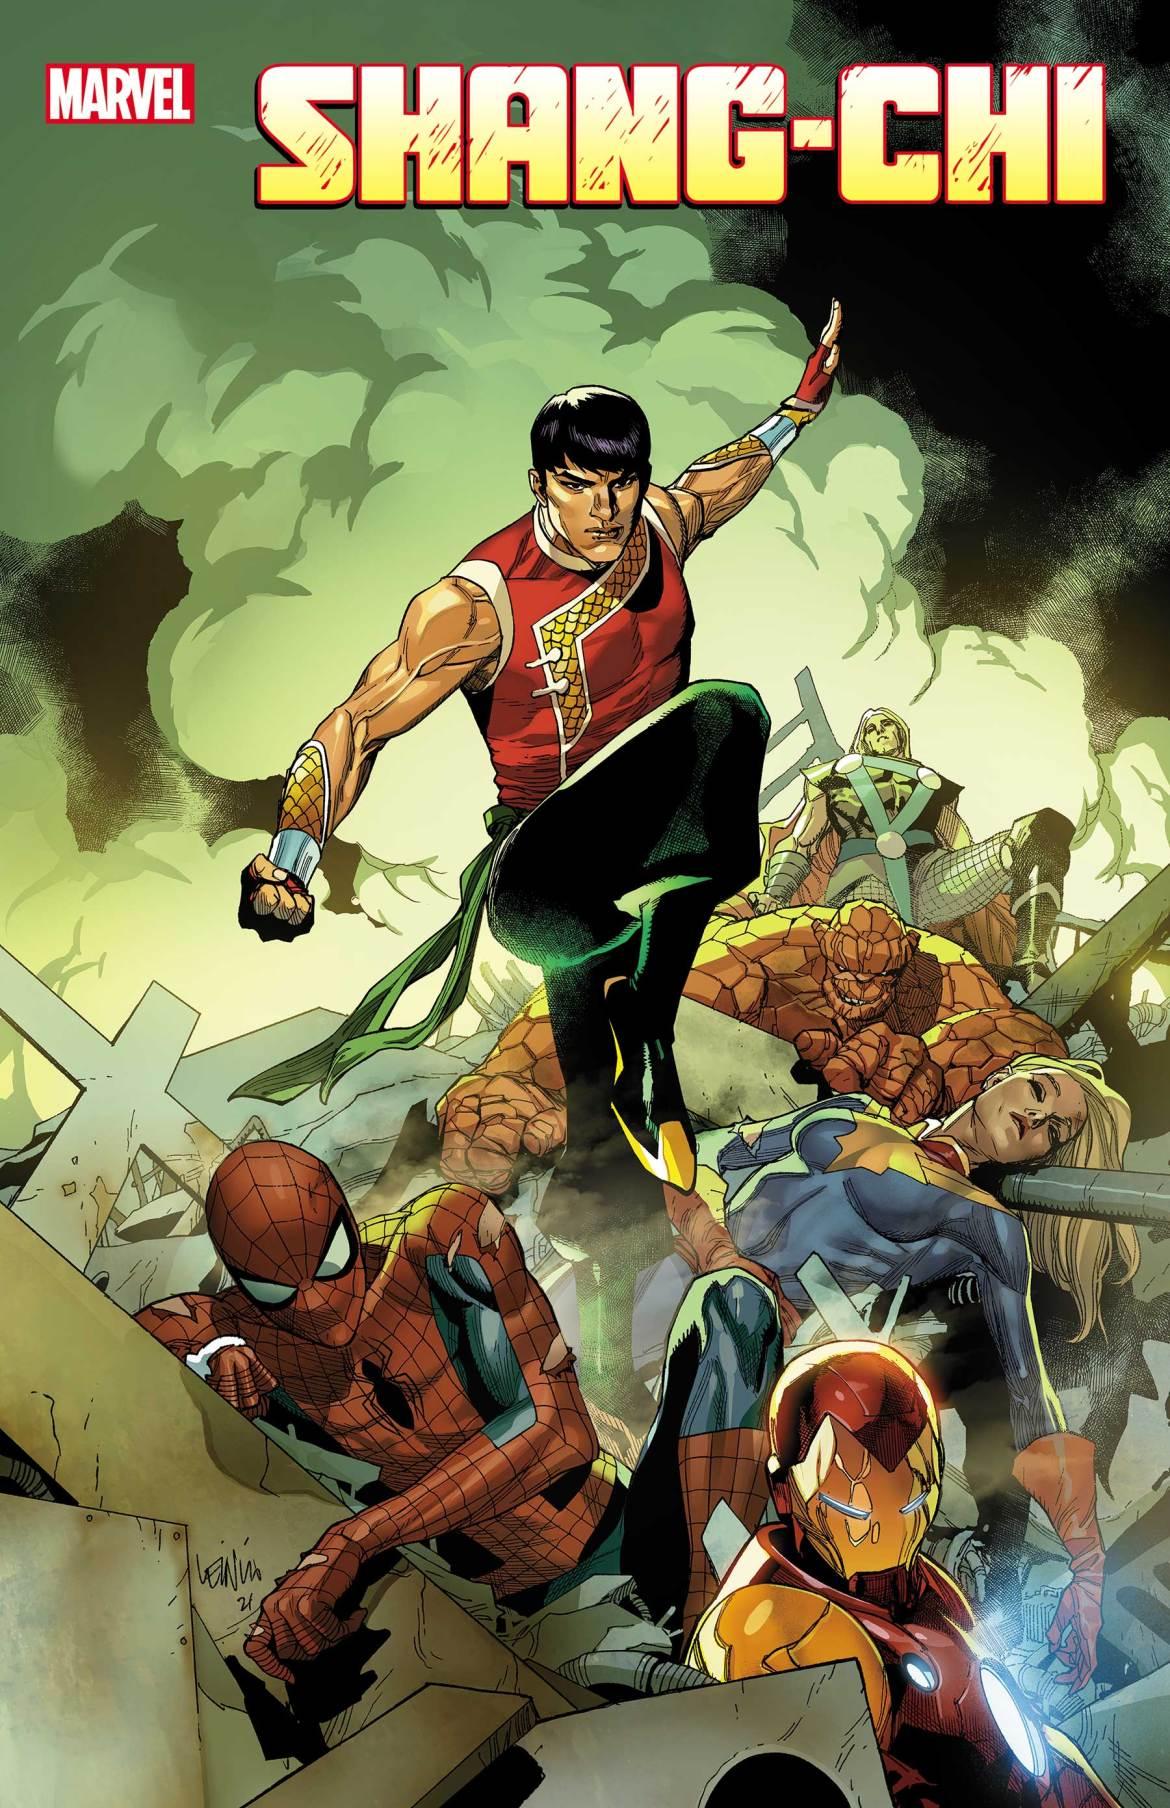 SHANGCHI2021001_cov-1 Marvel Comics May 2021 Solicitations